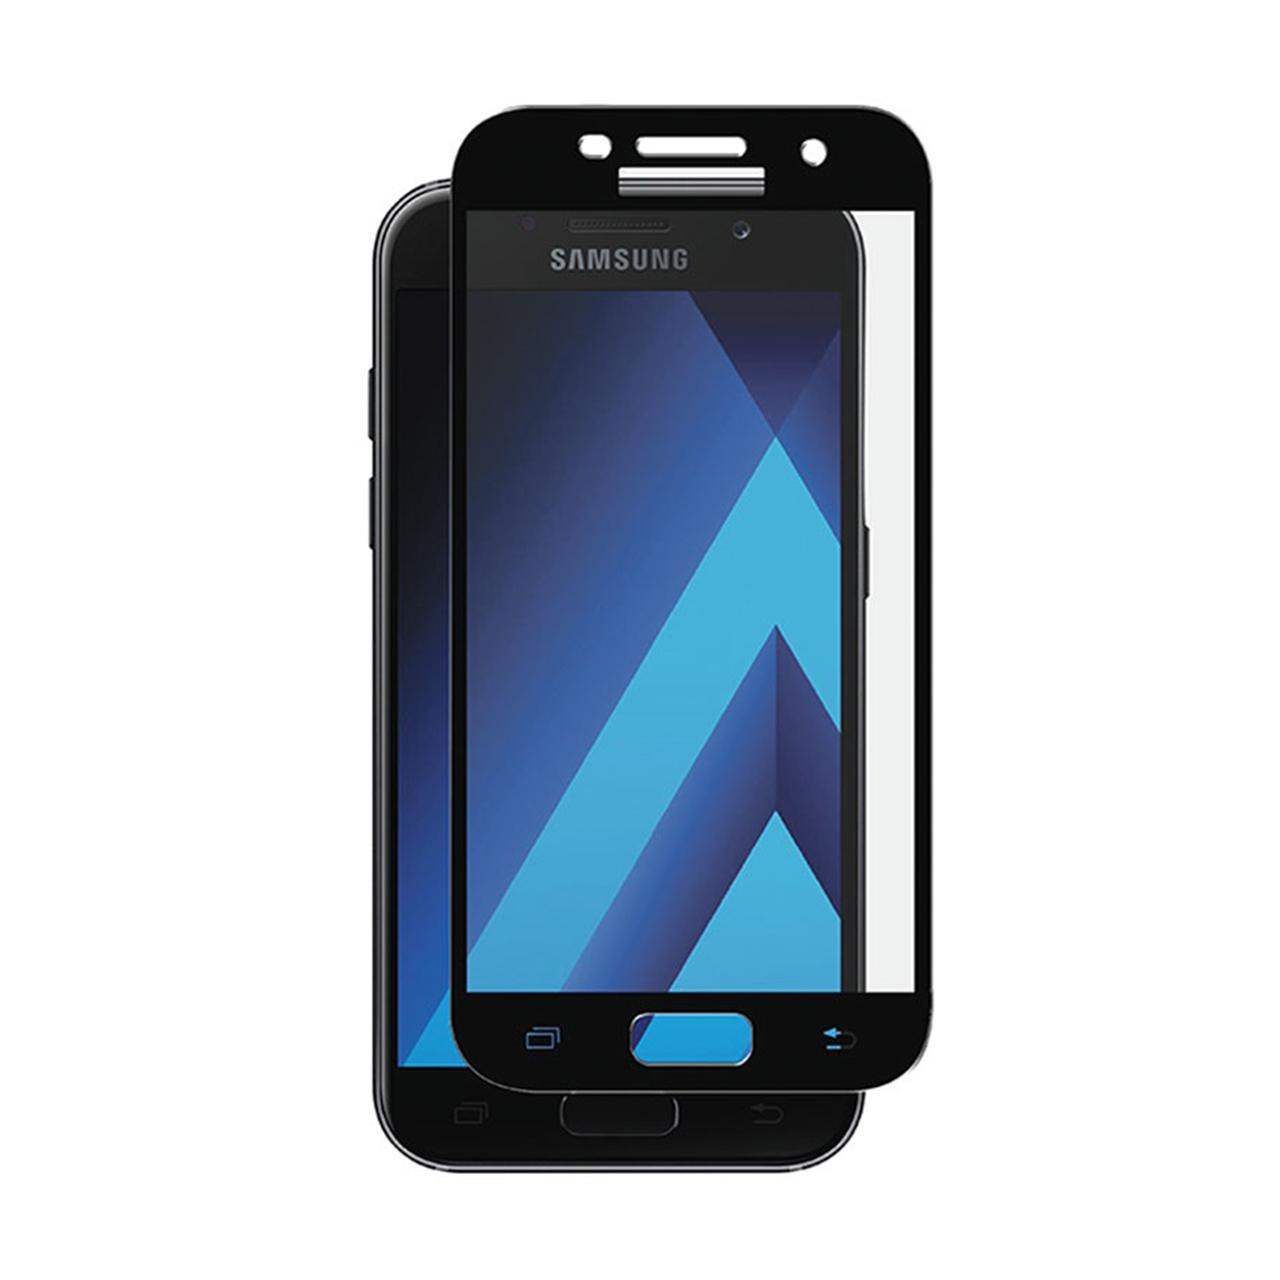 محافظ صفحه نمایش نیکسو مدل Full Glue مناسب برای گوشی موبایل سامسونگ گلکسی A5 2017